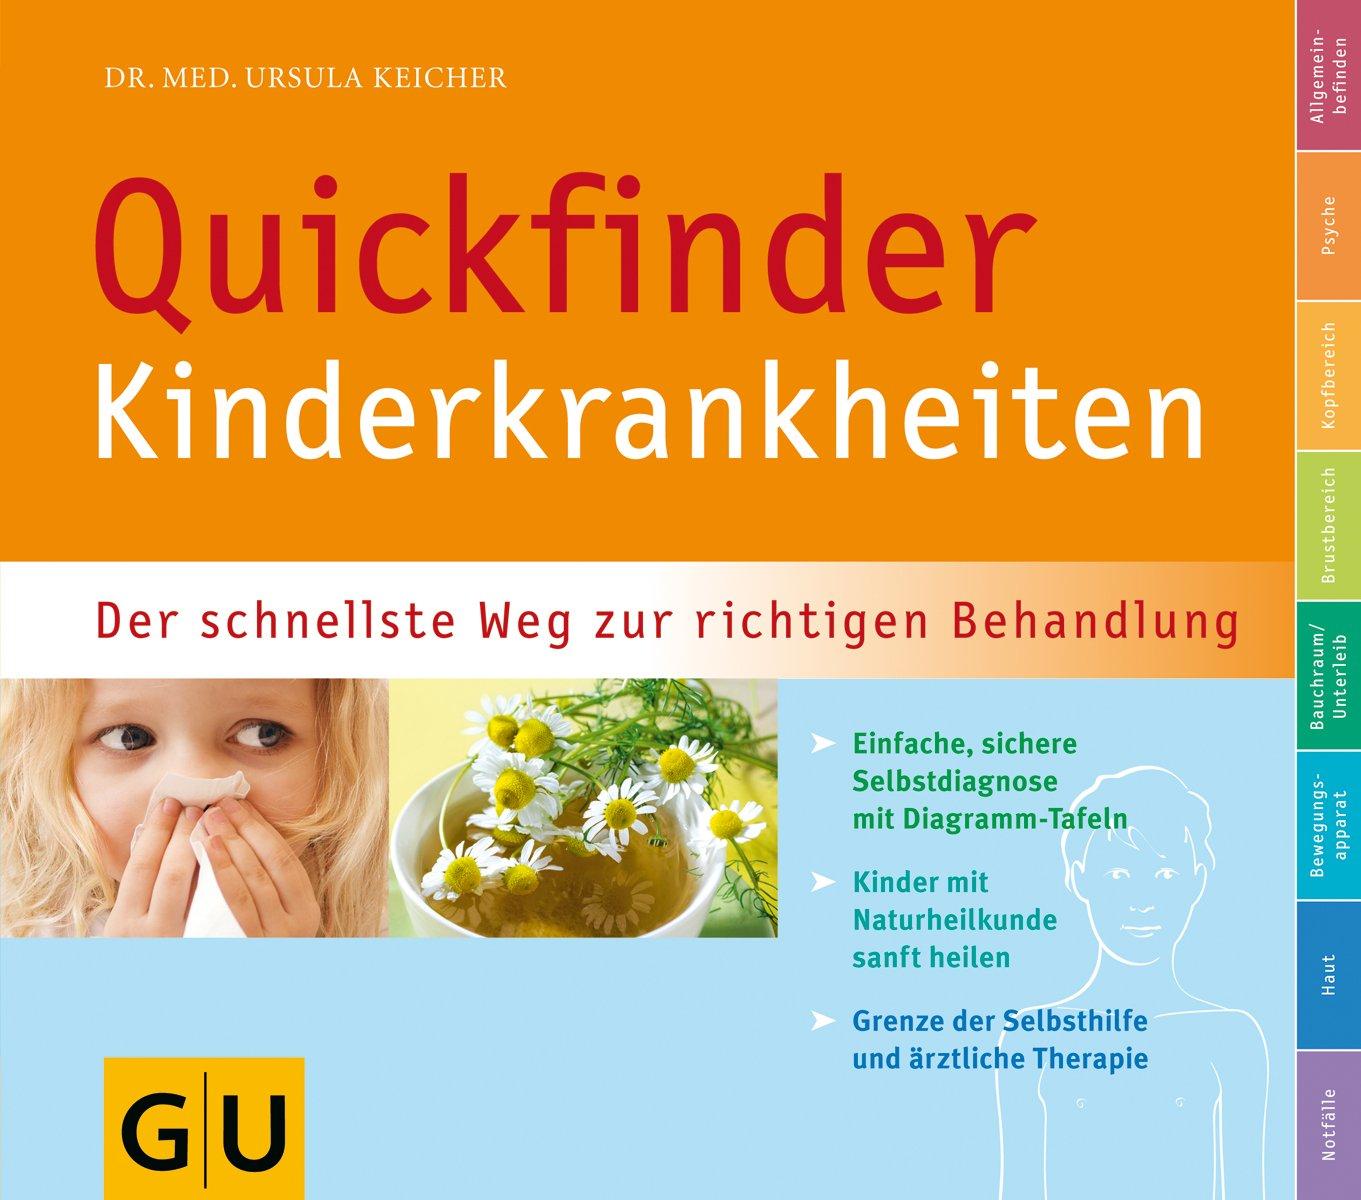 quickfinder-kinderkrankheiten-gu-quickfinder-partnerschaft-familie